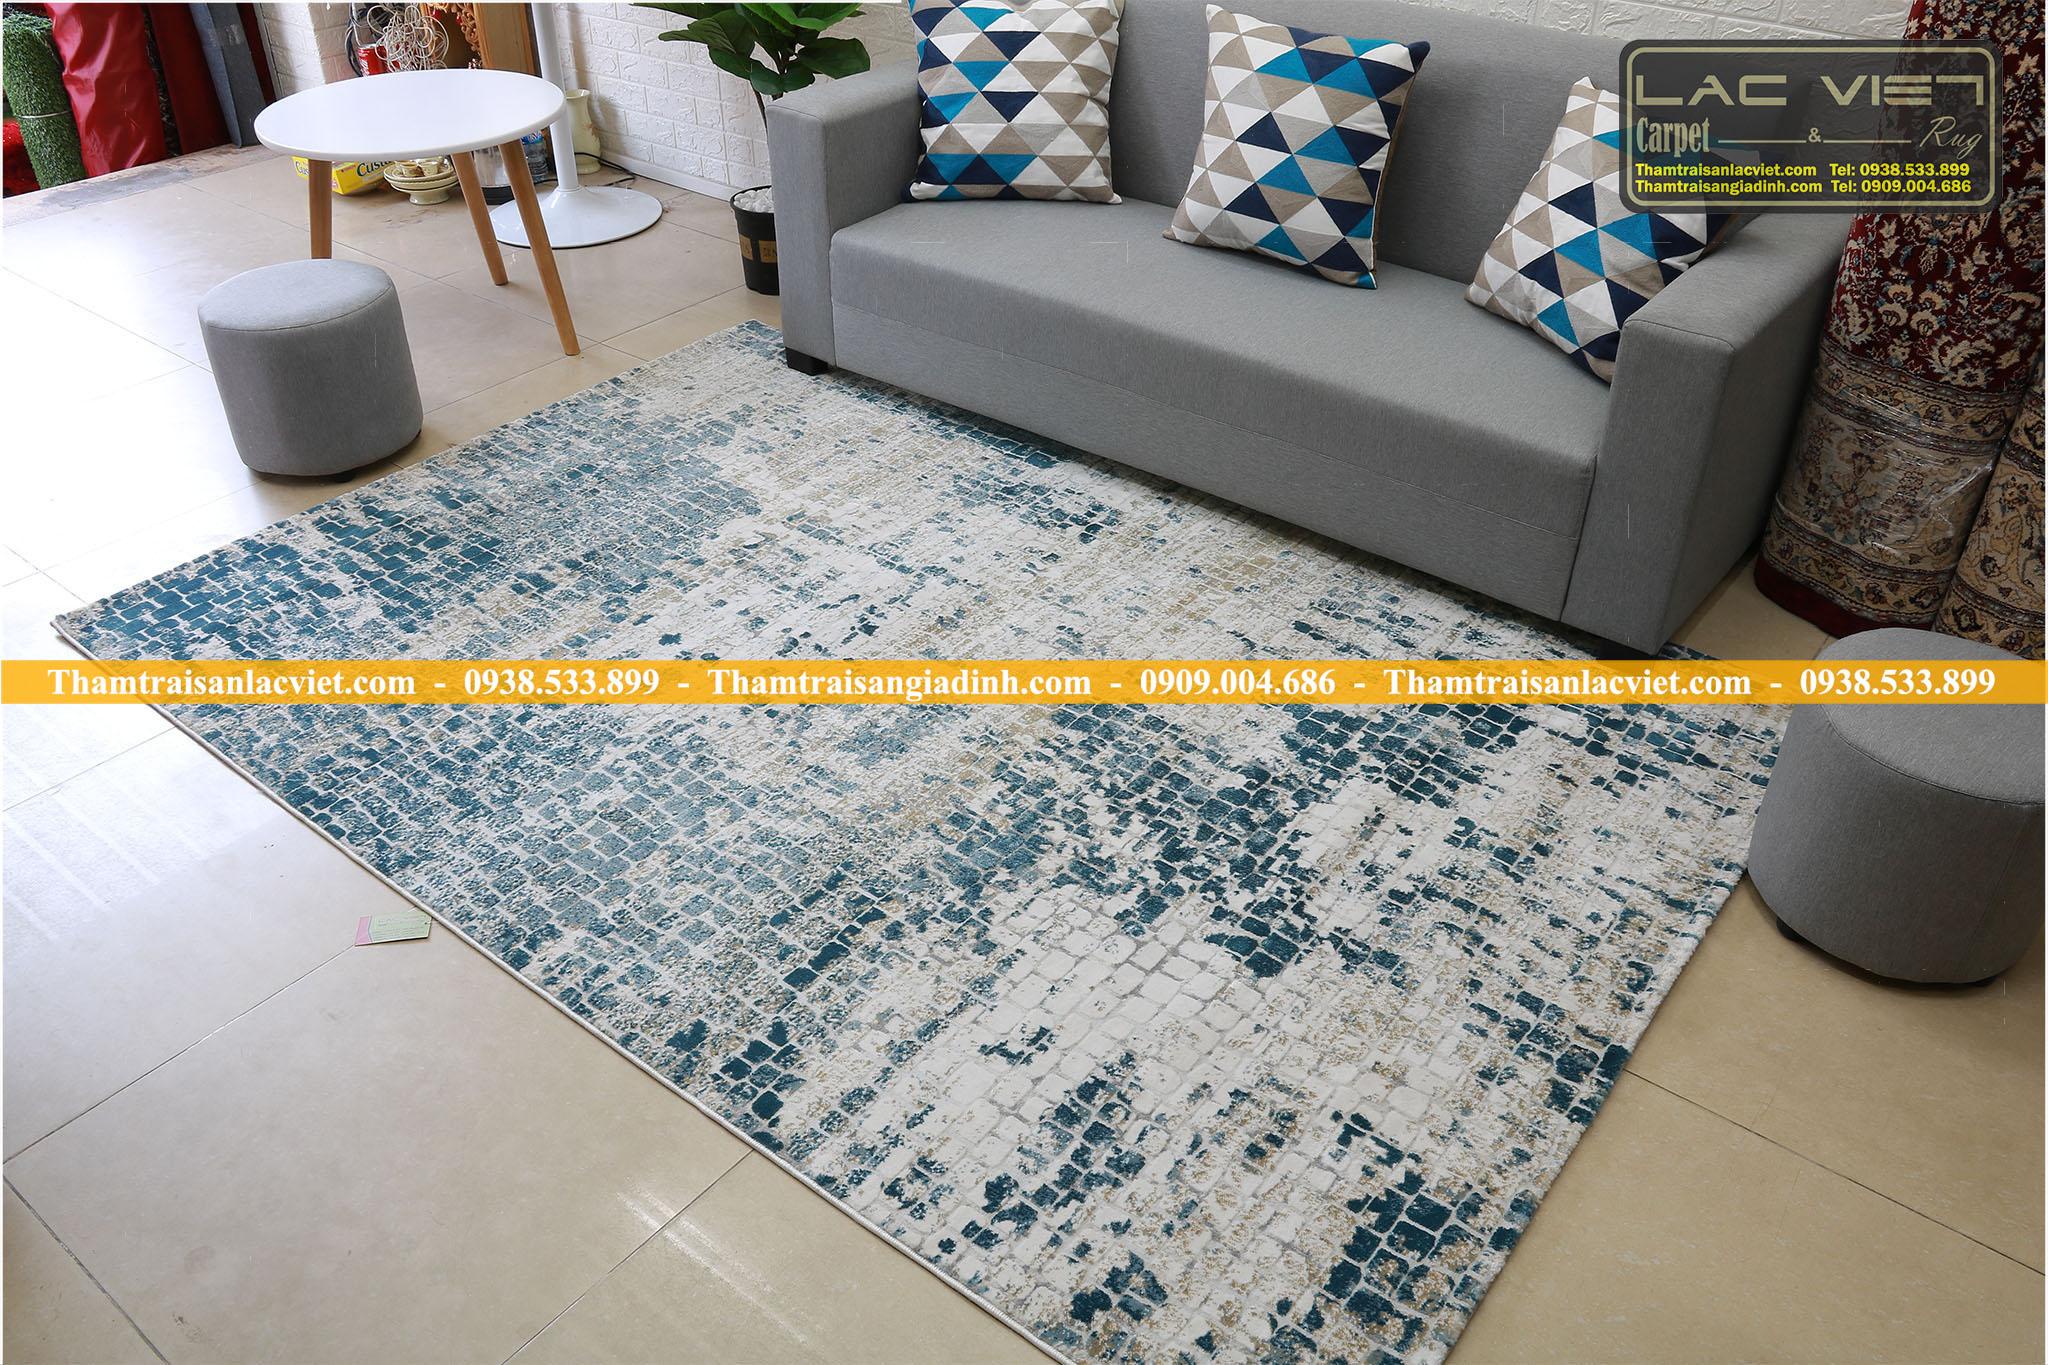 Thảm trải phòng khách -HC121-A